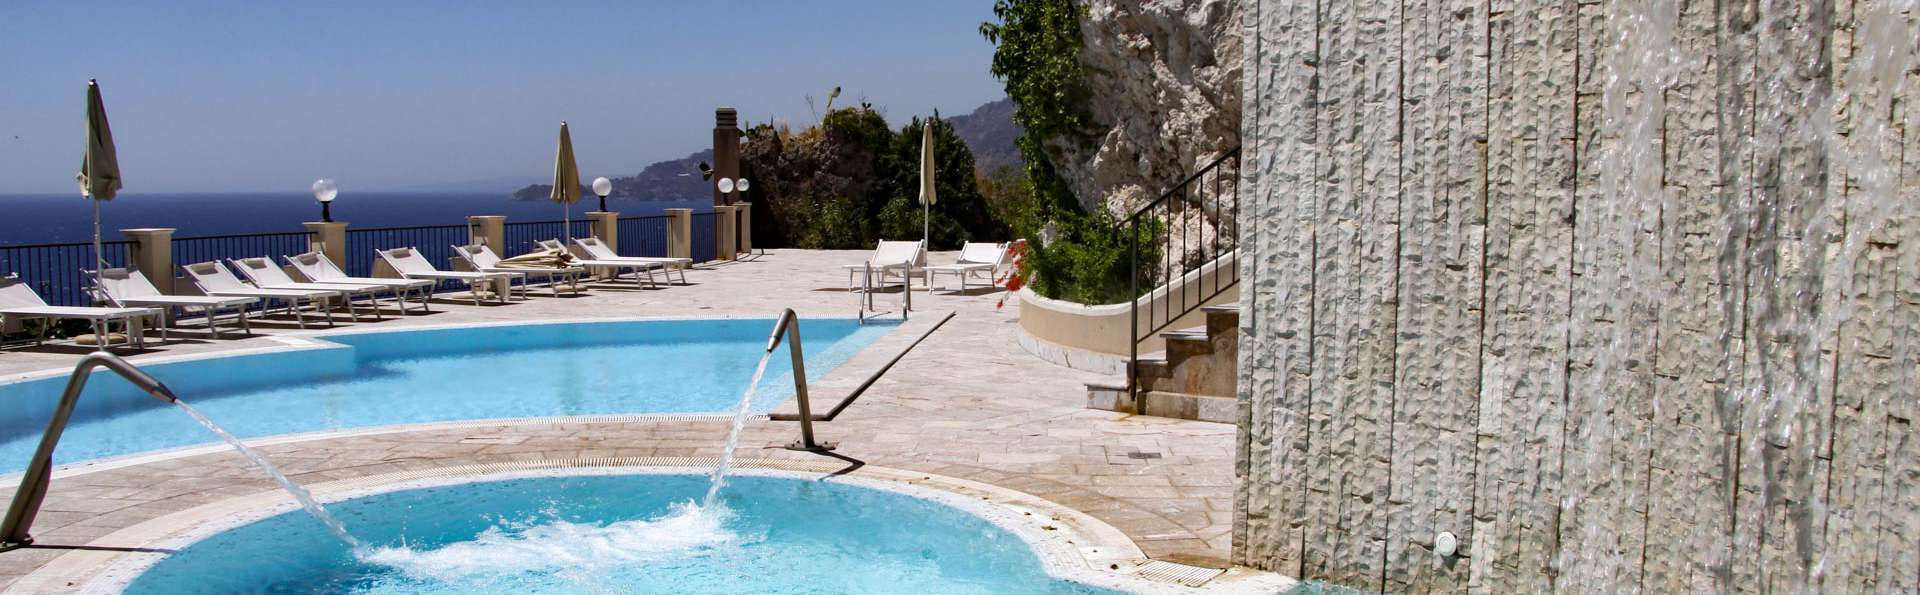 Sur la côte près de Taormina dans un hôtel 4* avec vue panoramique